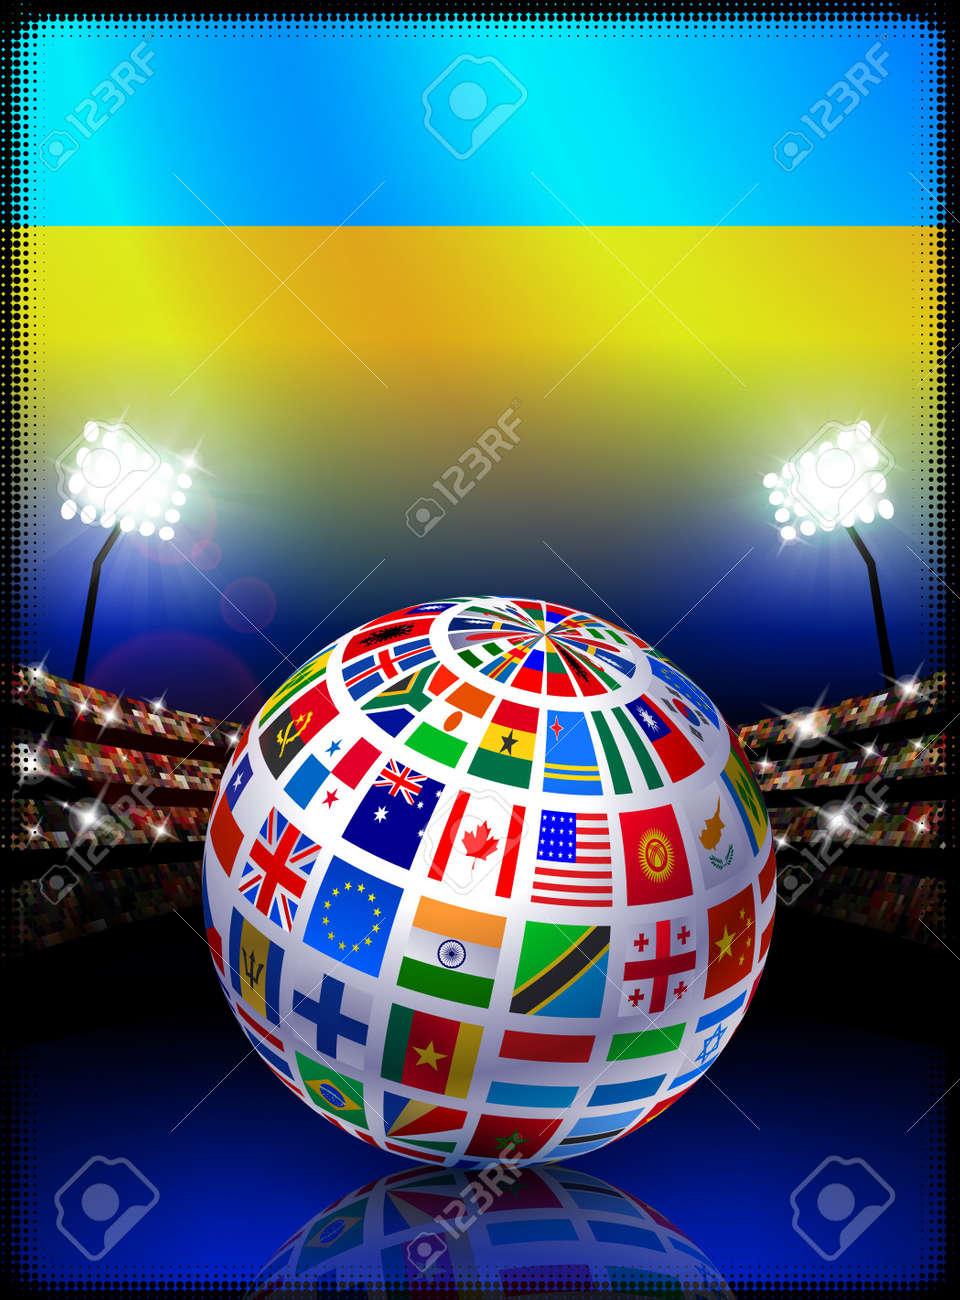 Ukraine Flag Globe on Stadium BackgroundOriginal Illustration Stock Photo - 7266033